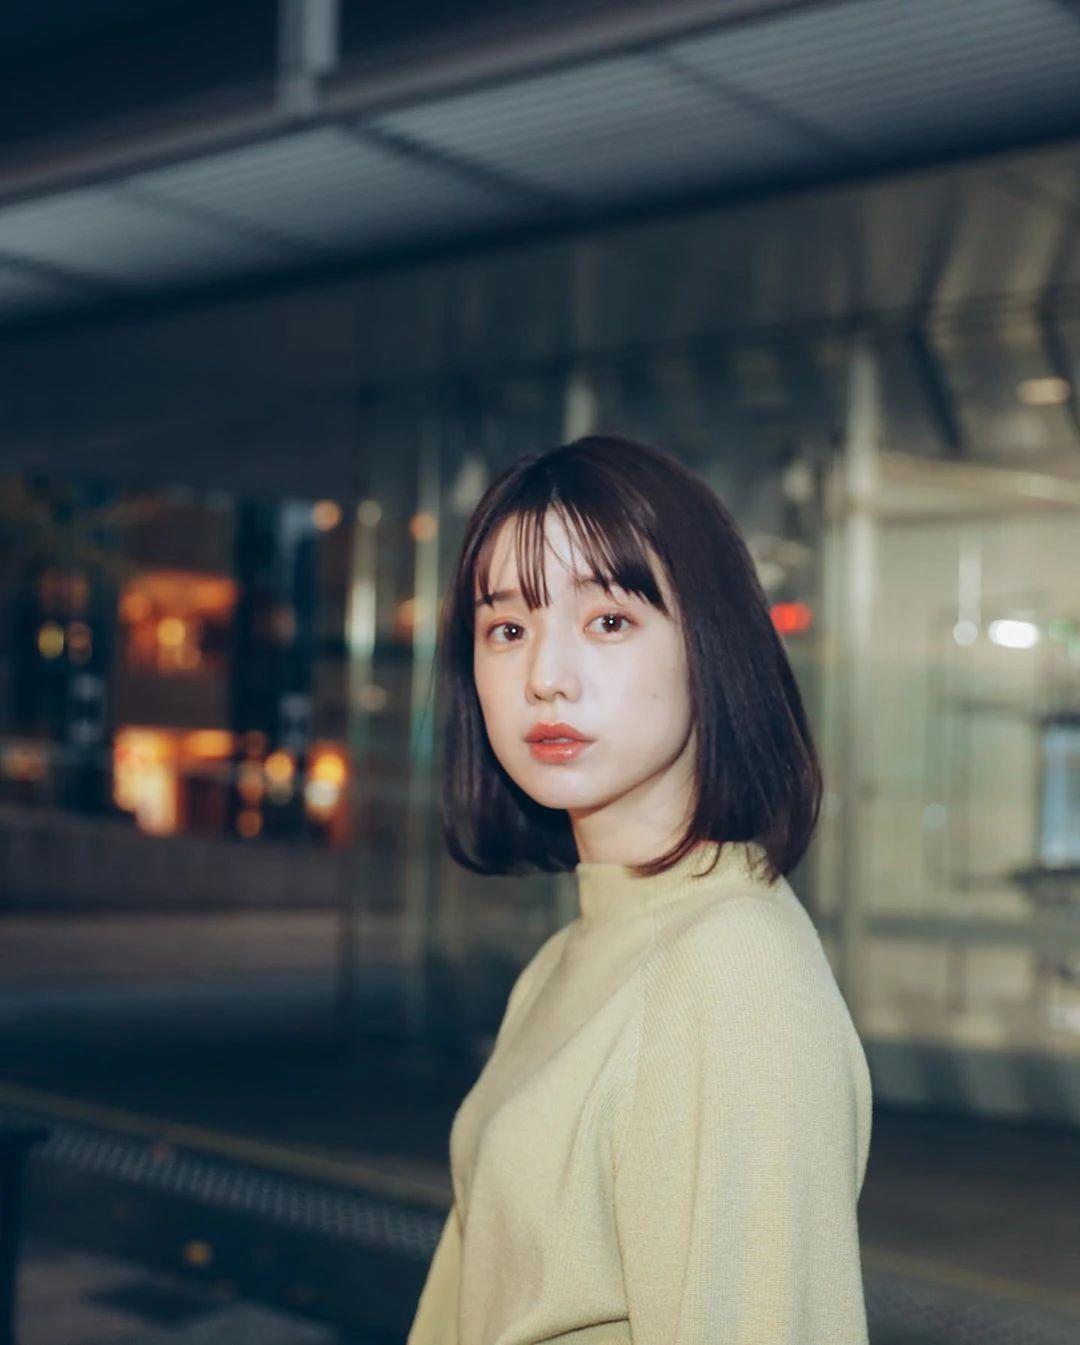 永远一张娃娃脸的棉花糖女孩弘中绫香写真作品 (31)